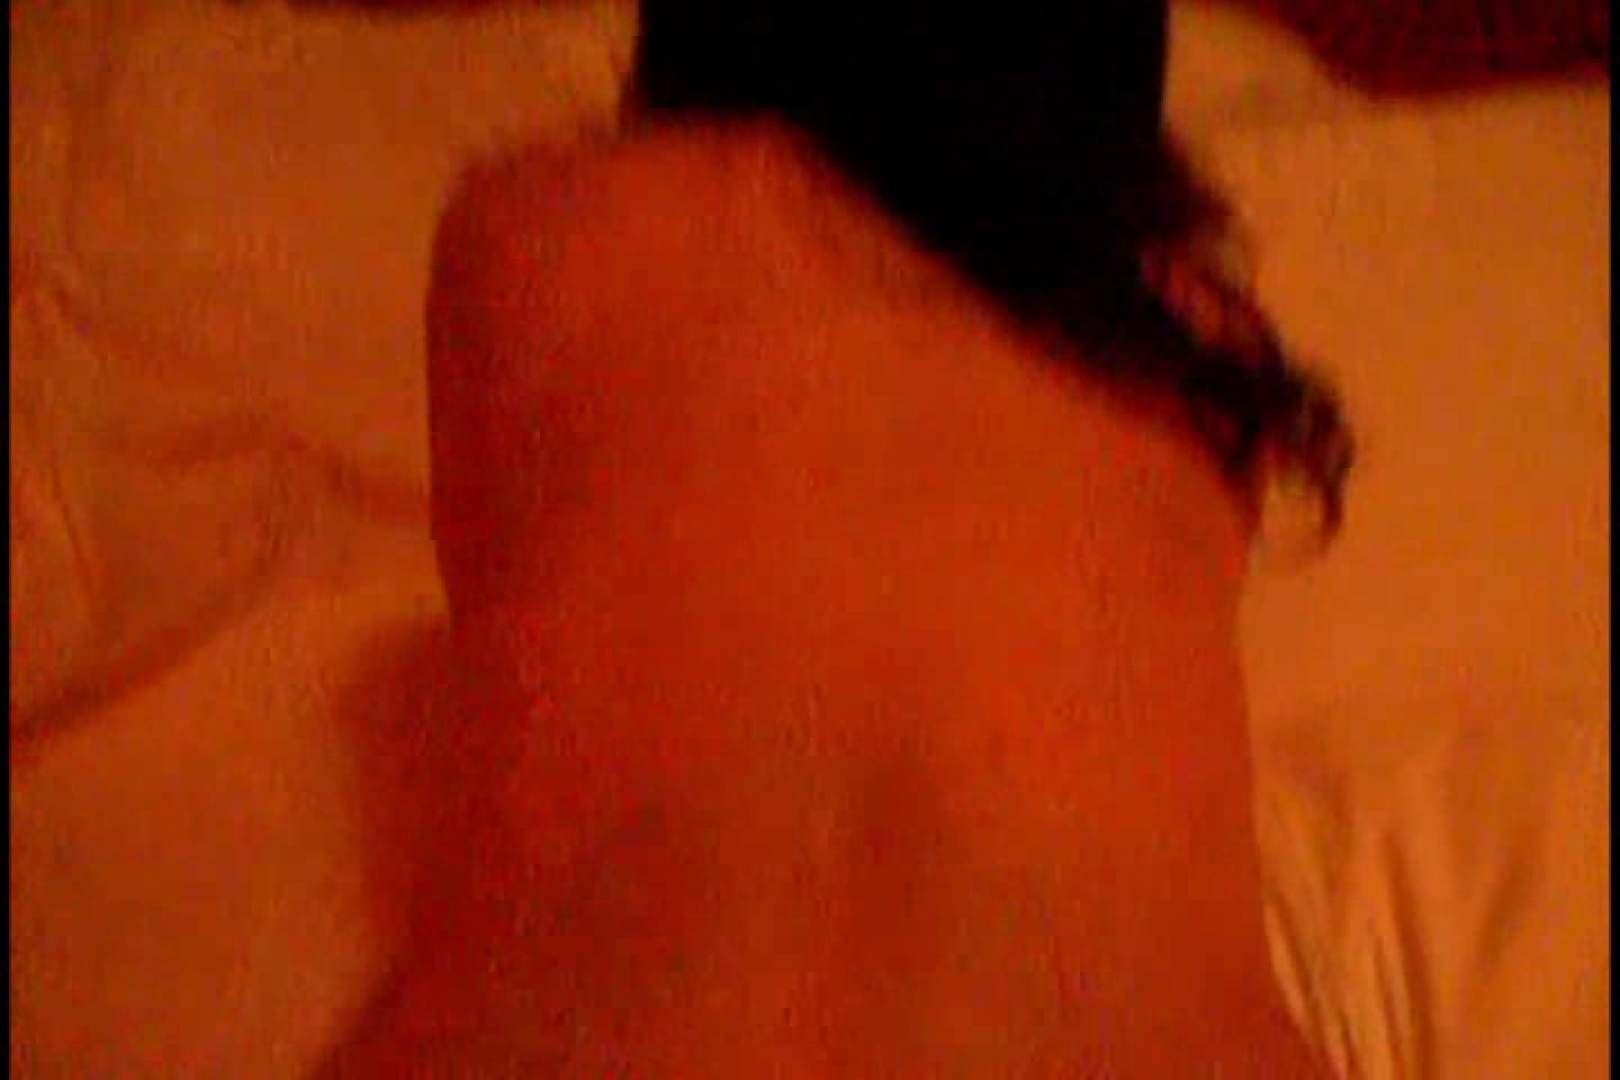 某掲示板に投稿された素人女性たちVOL.9 ホテル  94PIX 48